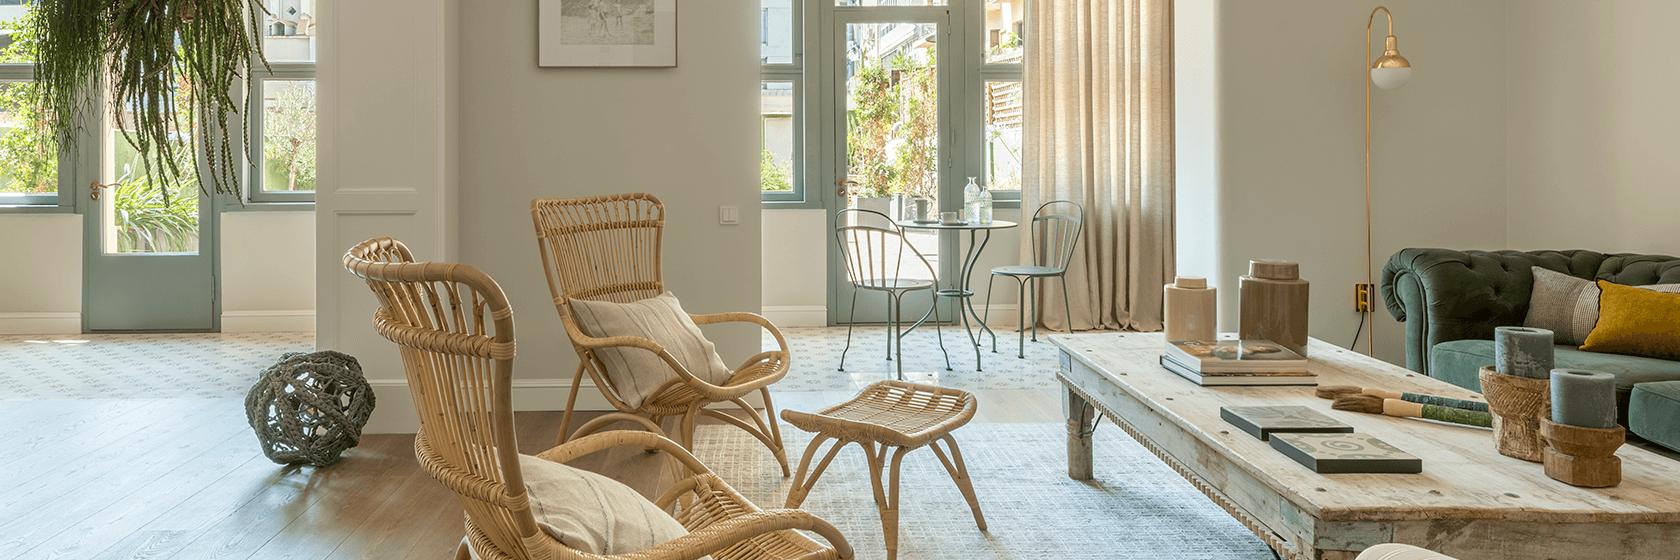 Antes y después: Vivienda Mallorca | The Room Studio